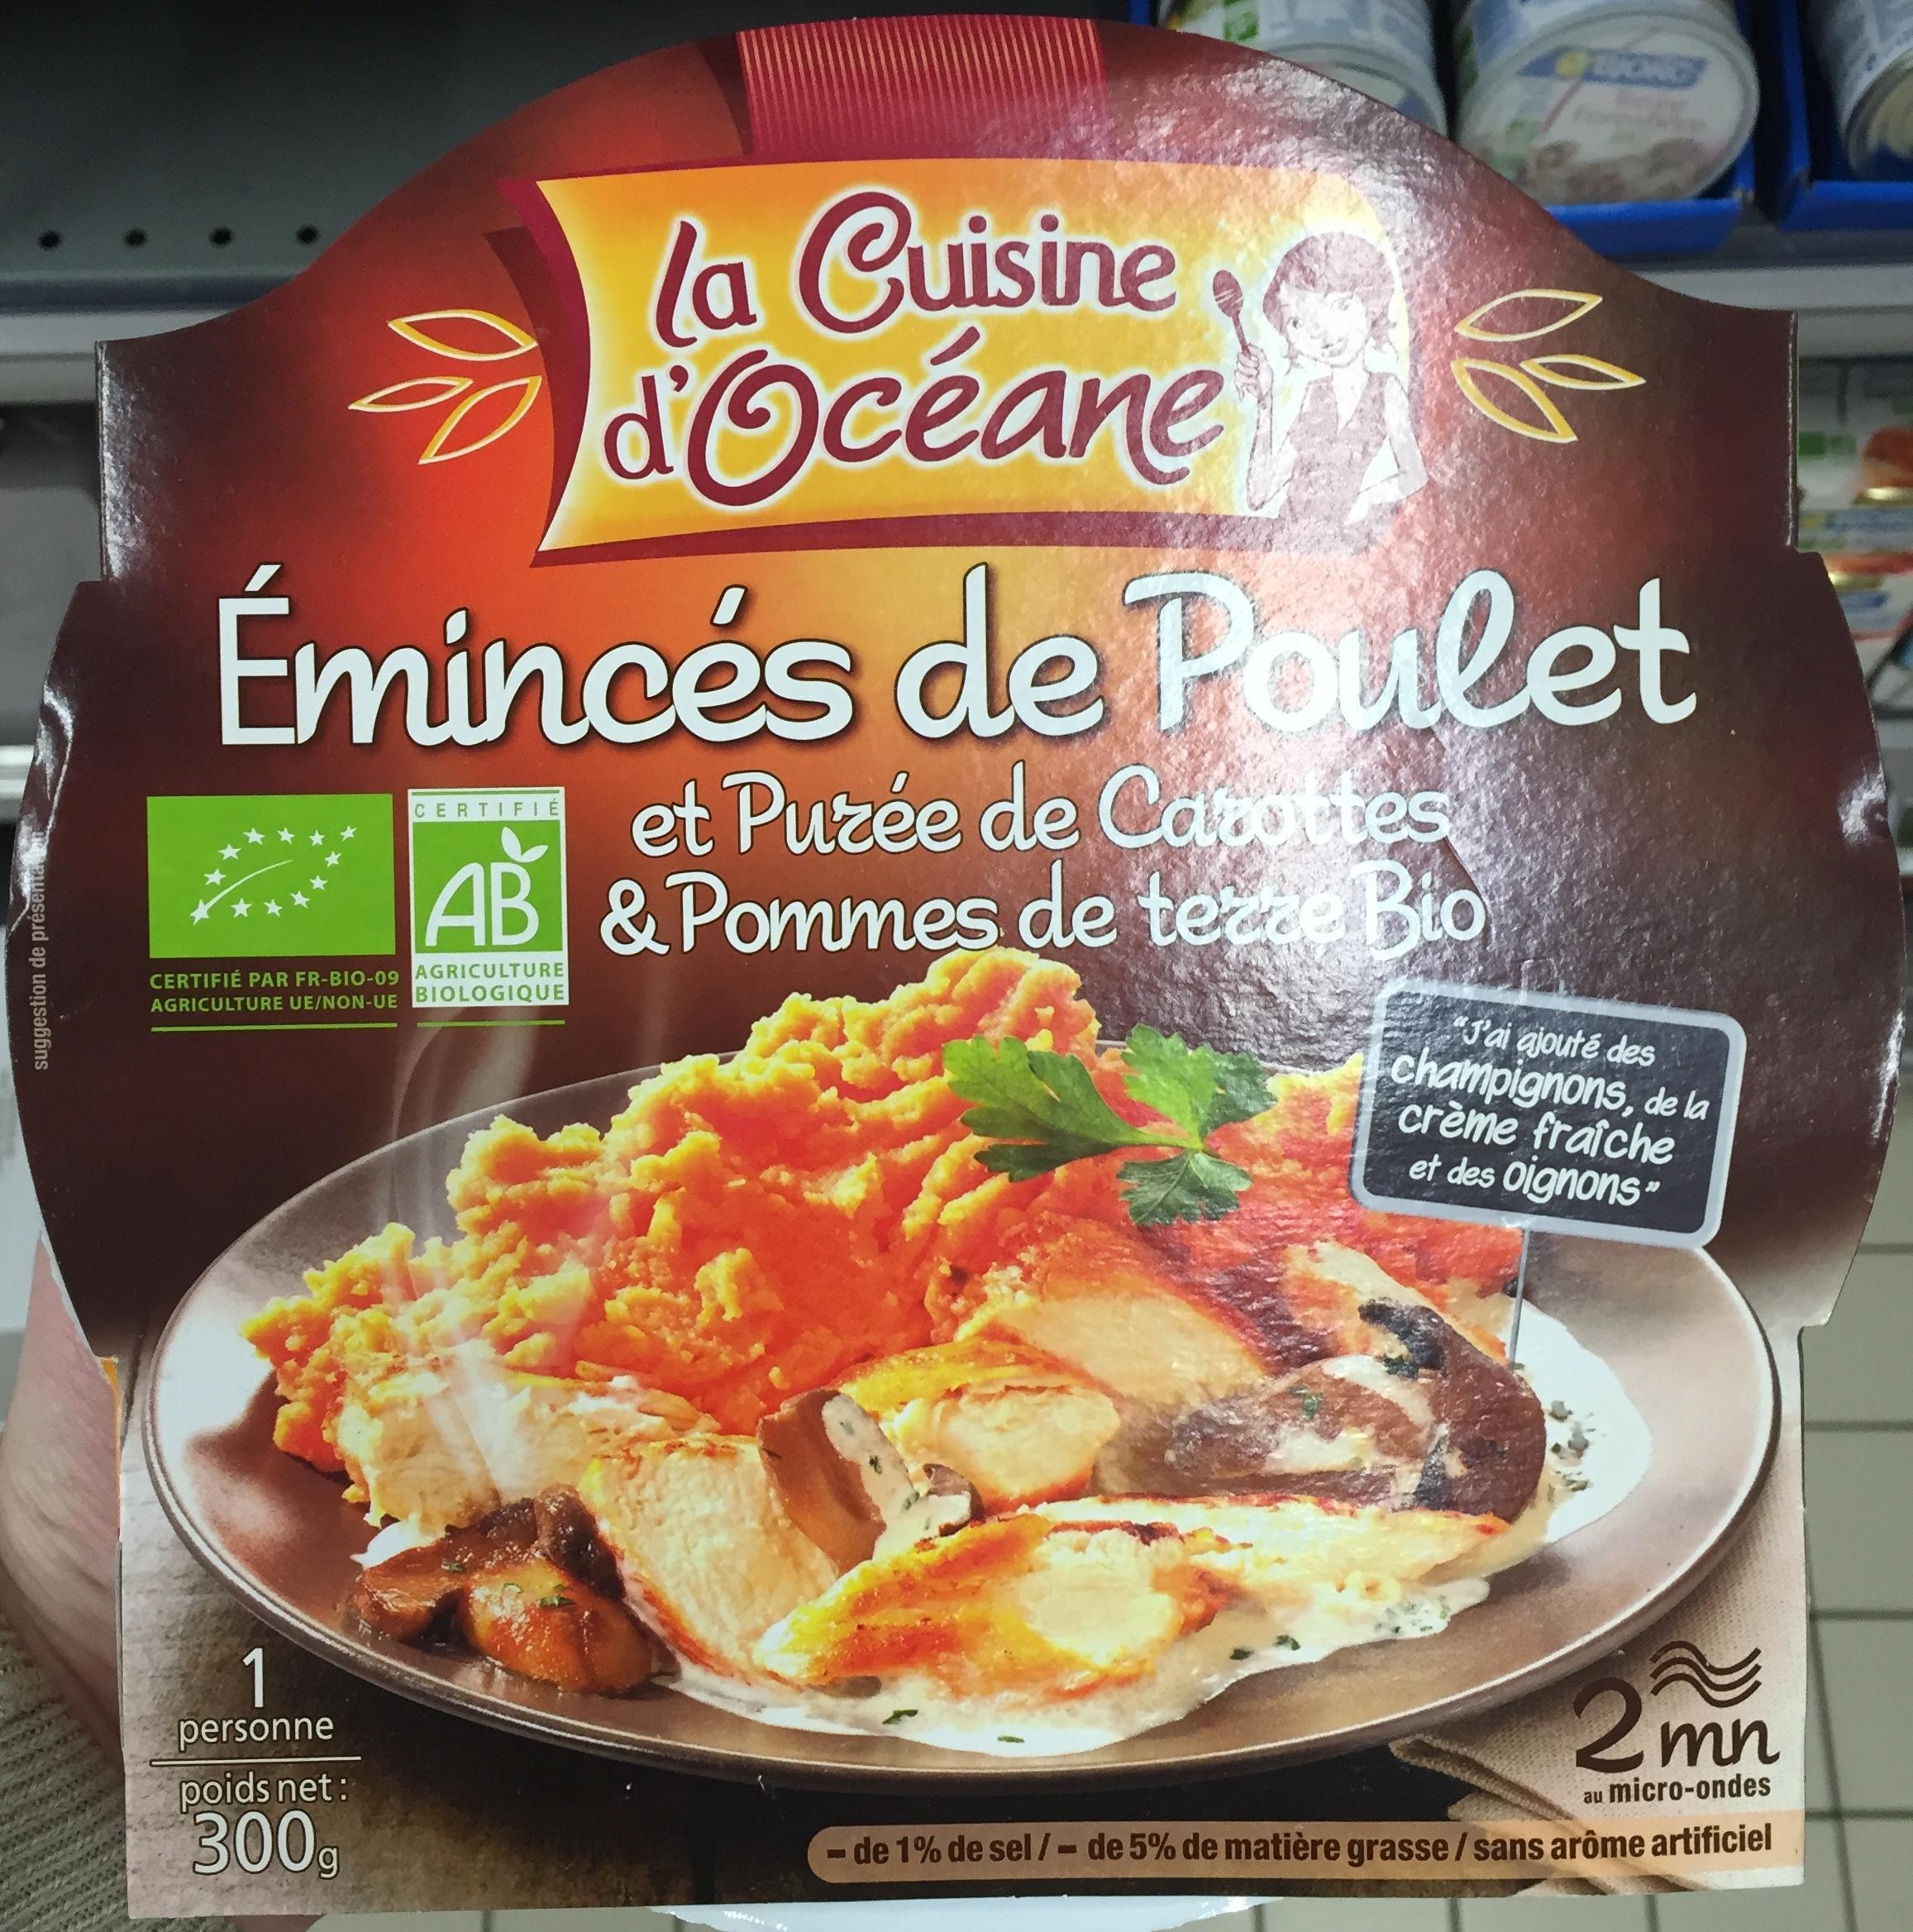 Émincés de Poulet et Purée de Carottes & Pommes de terre Bio - Produit